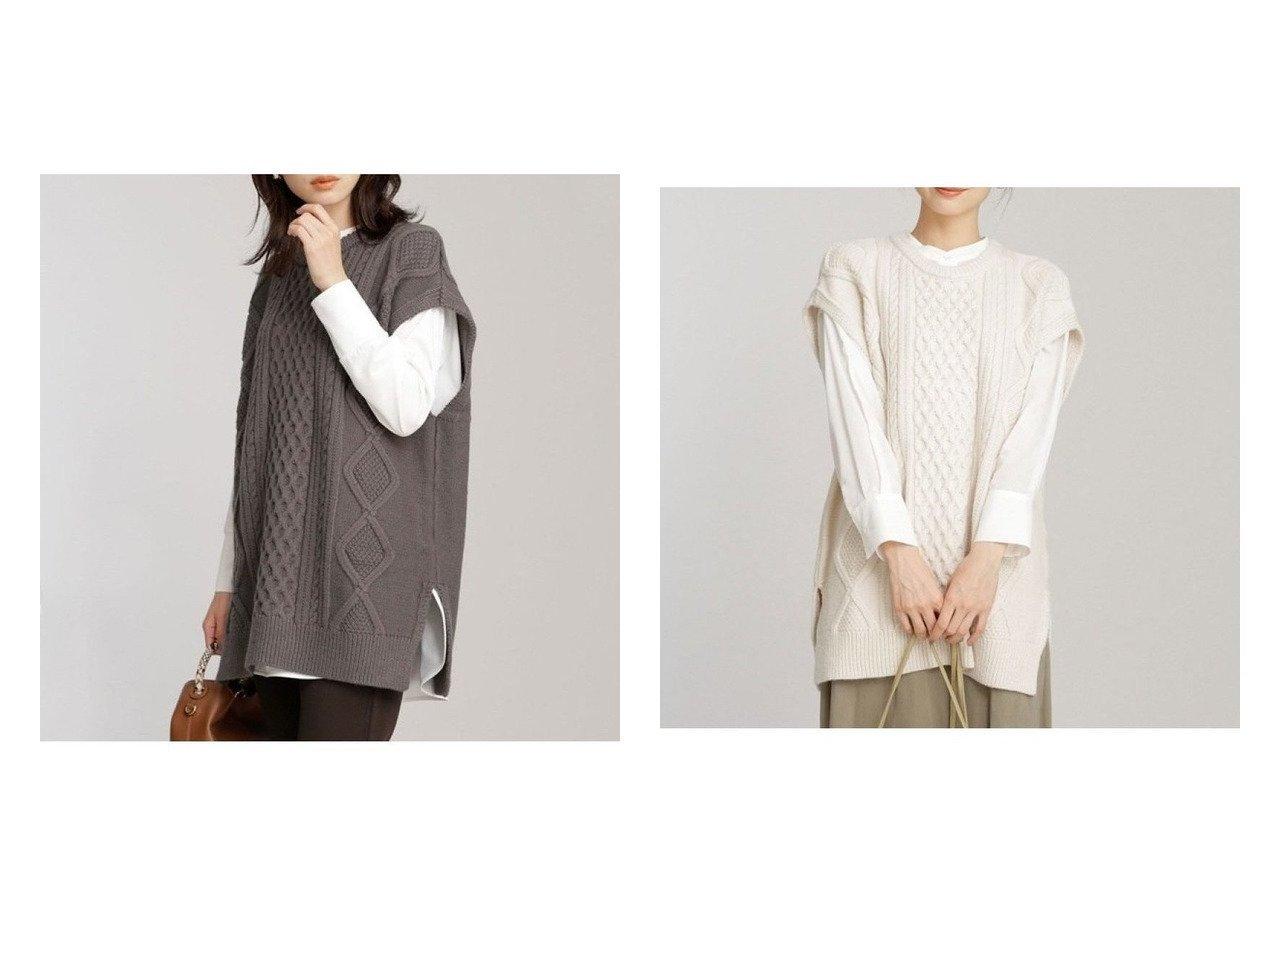 【nano universe/ナノ ユニバース】のケーブルニットベスト トップス・カットソーのおすすめ!人気、トレンド・レディースファッションの通販 おすすめで人気の流行・トレンド、ファッションの通販商品 メンズファッション・キッズファッション・インテリア・家具・レディースファッション・服の通販 founy(ファニー) https://founy.com/ ファッション Fashion レディースファッション WOMEN アウター Coat Outerwear トップス Tops Tshirt ニット Knit Tops ベスト/ジレ Gilets Vests ウォッシャブル シンプル スリット トレンド ベスト ワイド A/W 秋冬 AW Autumn/Winter / FW Fall-Winter |ID:crp329100000012613